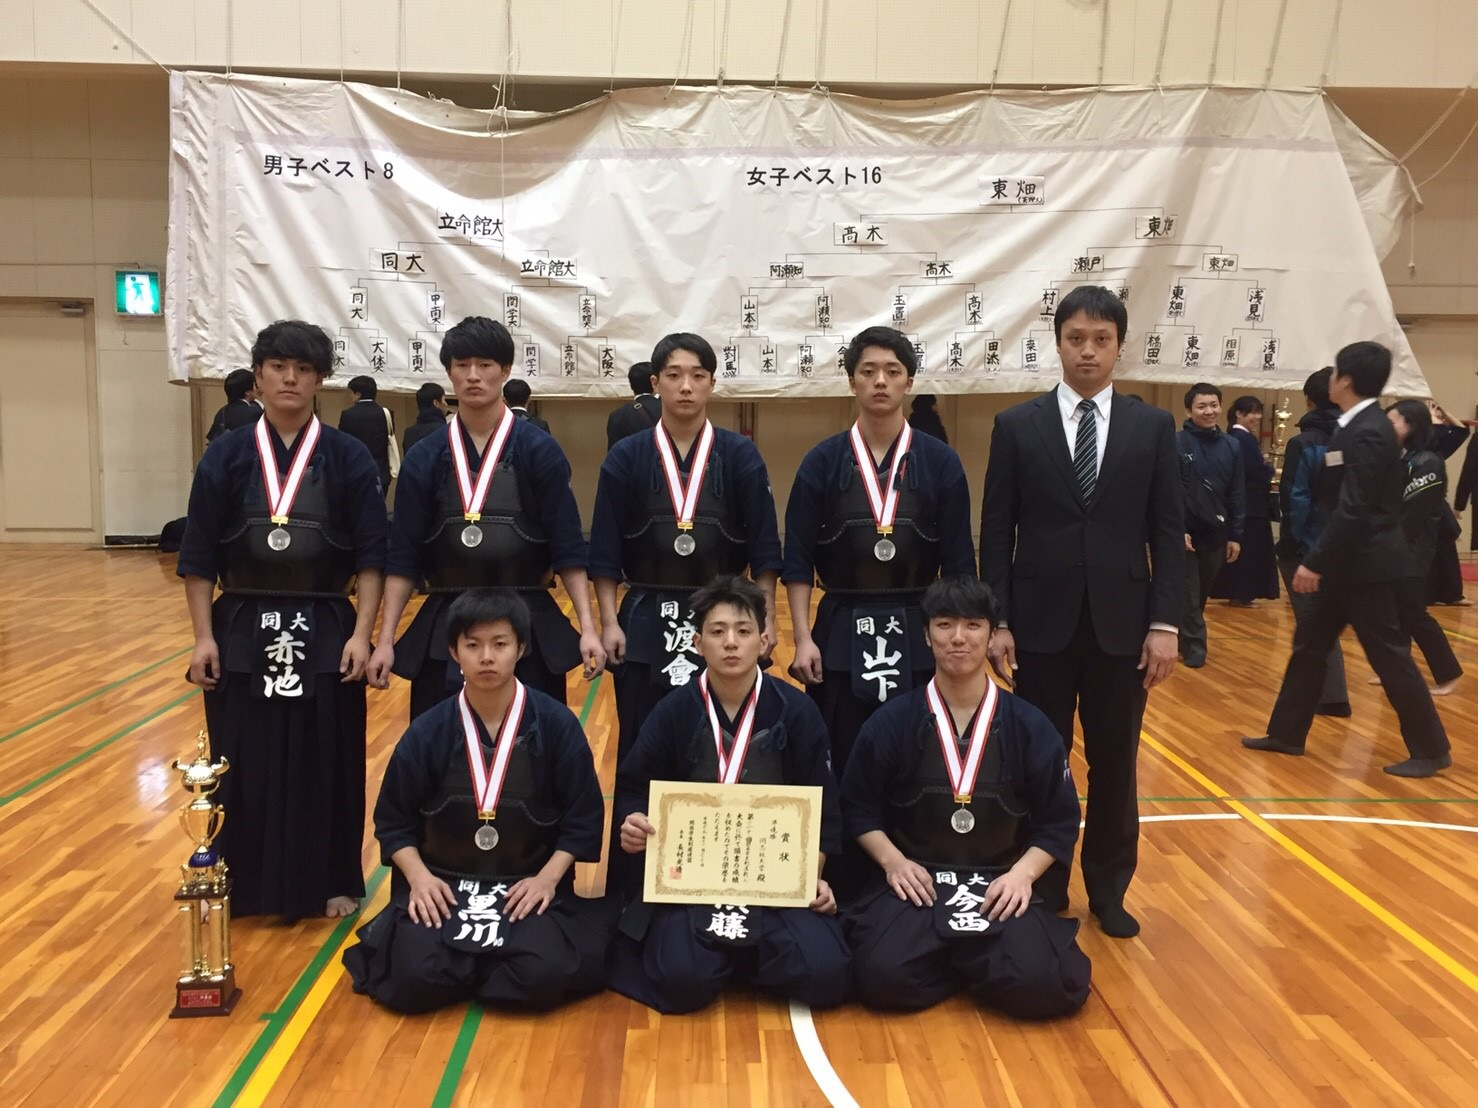 【結果報告】関西新人大会(2017.11.26)